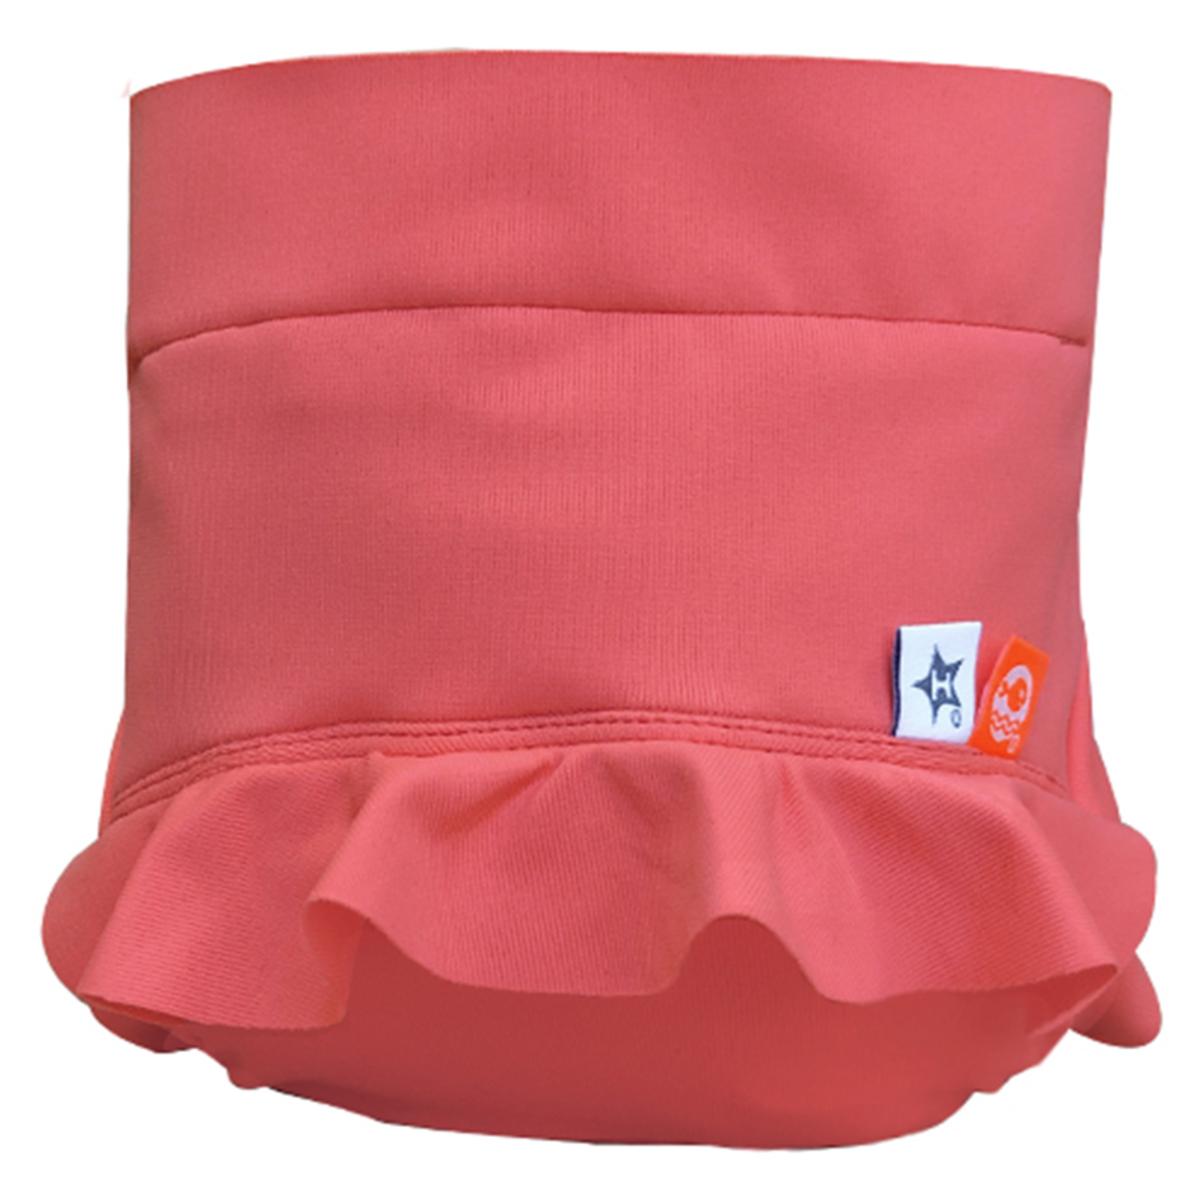 Accessoires bébé Couche Piscine Falbala - 6 Mois